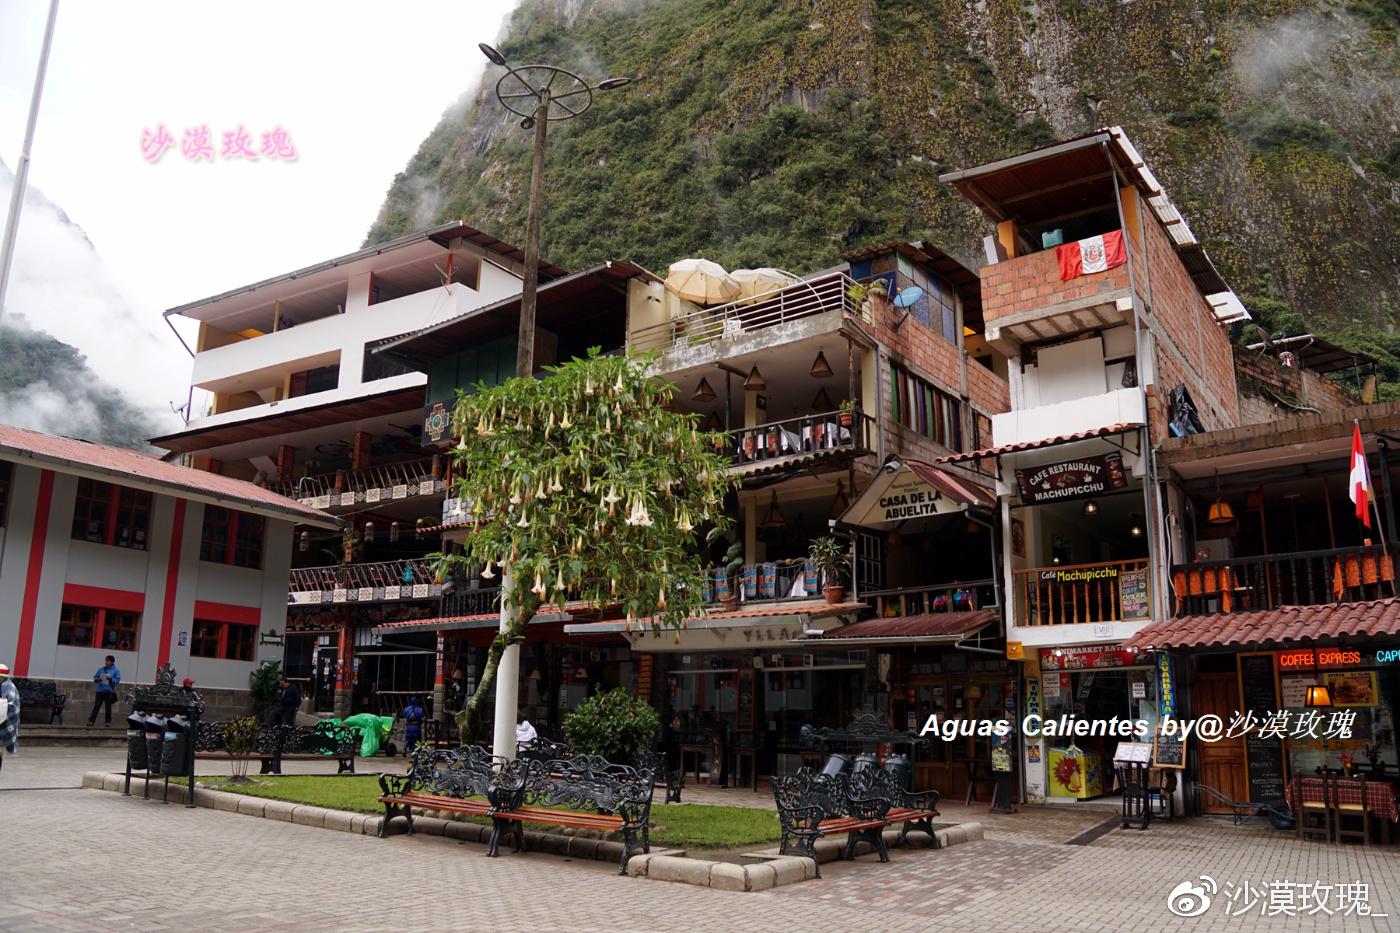 马丘比丘山脚下最商业化的小镇,却有最难忘的故事